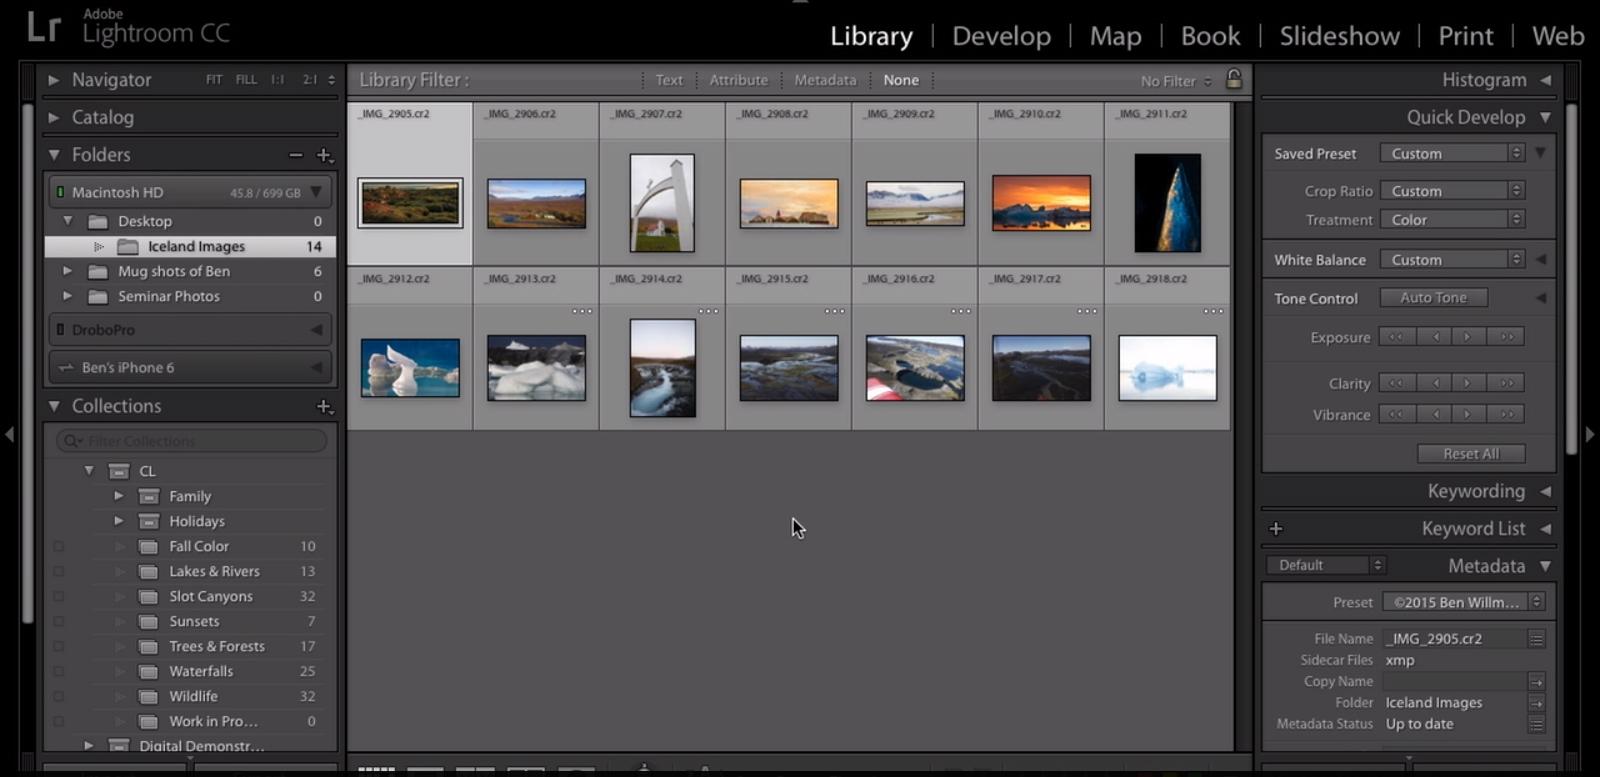 Adobe Lightoom Classic CC tarkvarauuendus sai omakorda vigade paranduse